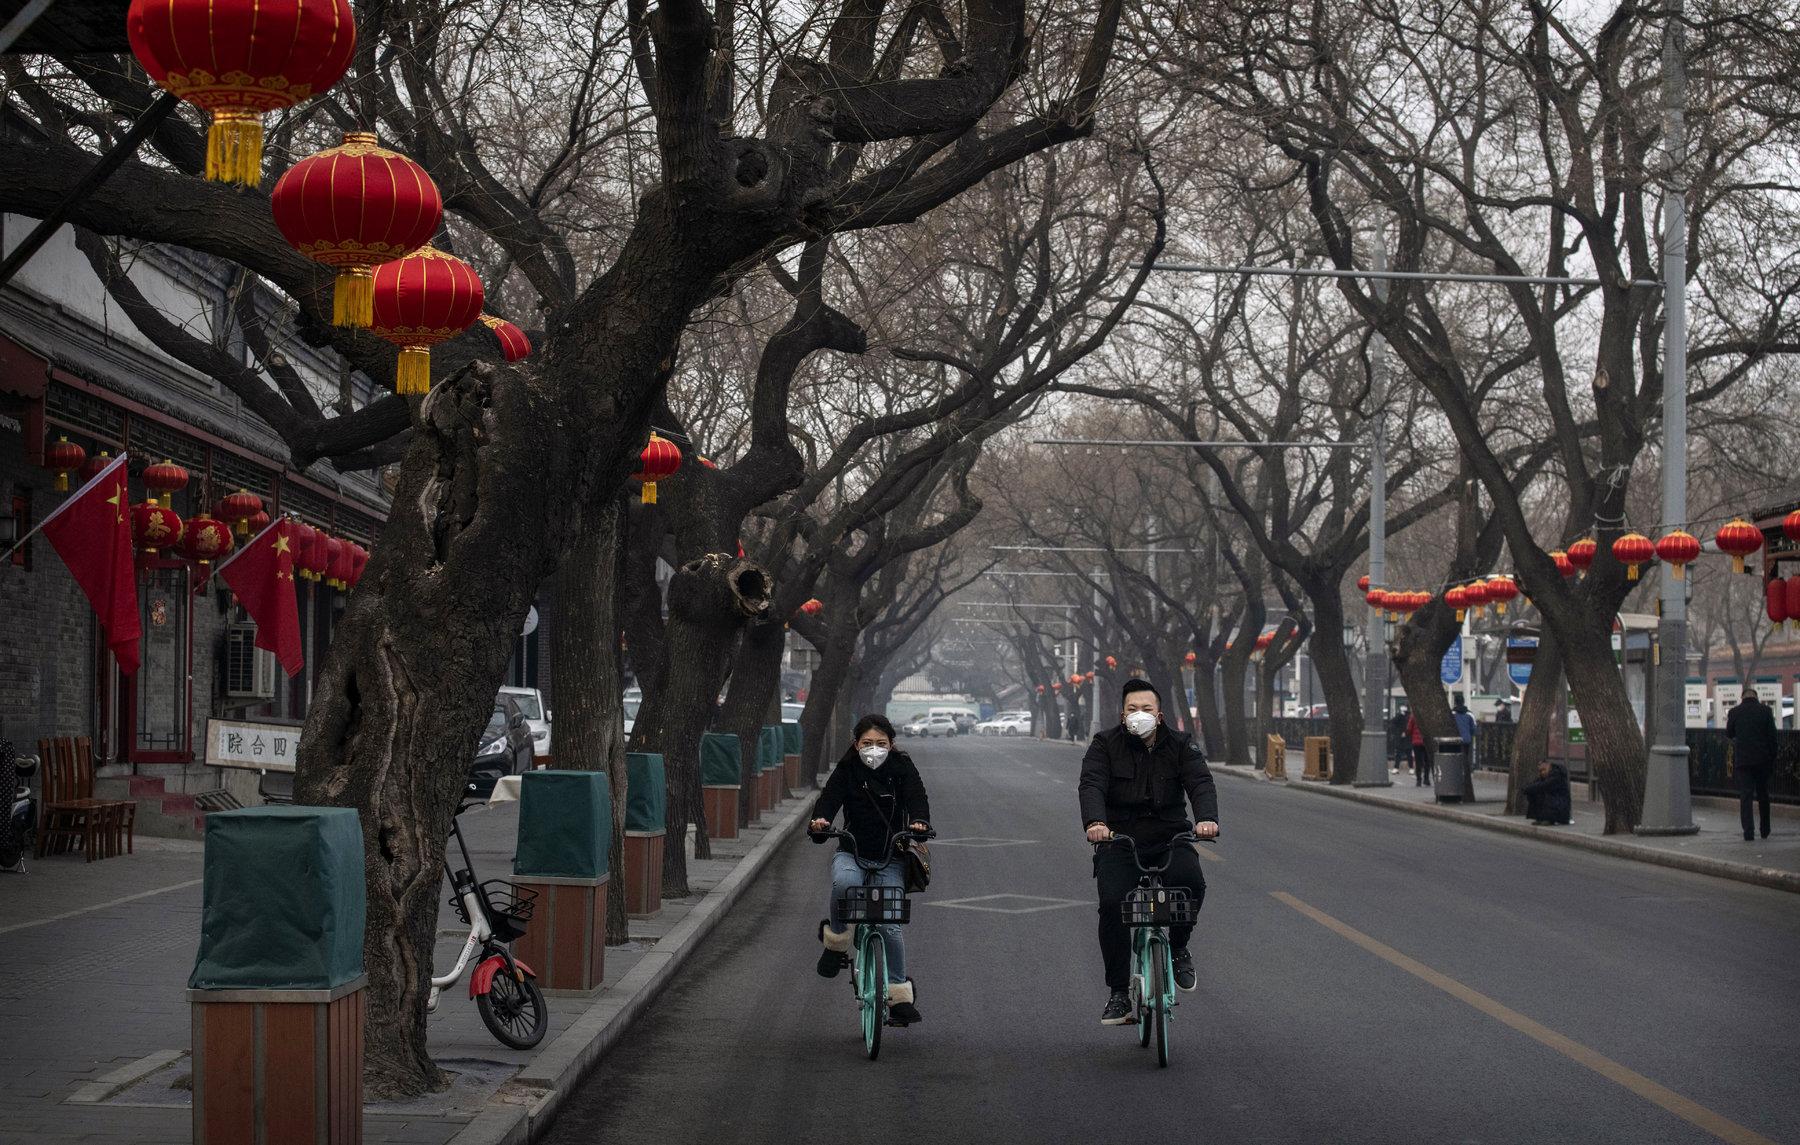 As Virus Spreads, Anger Floods Chinese Social Media - The New York ...